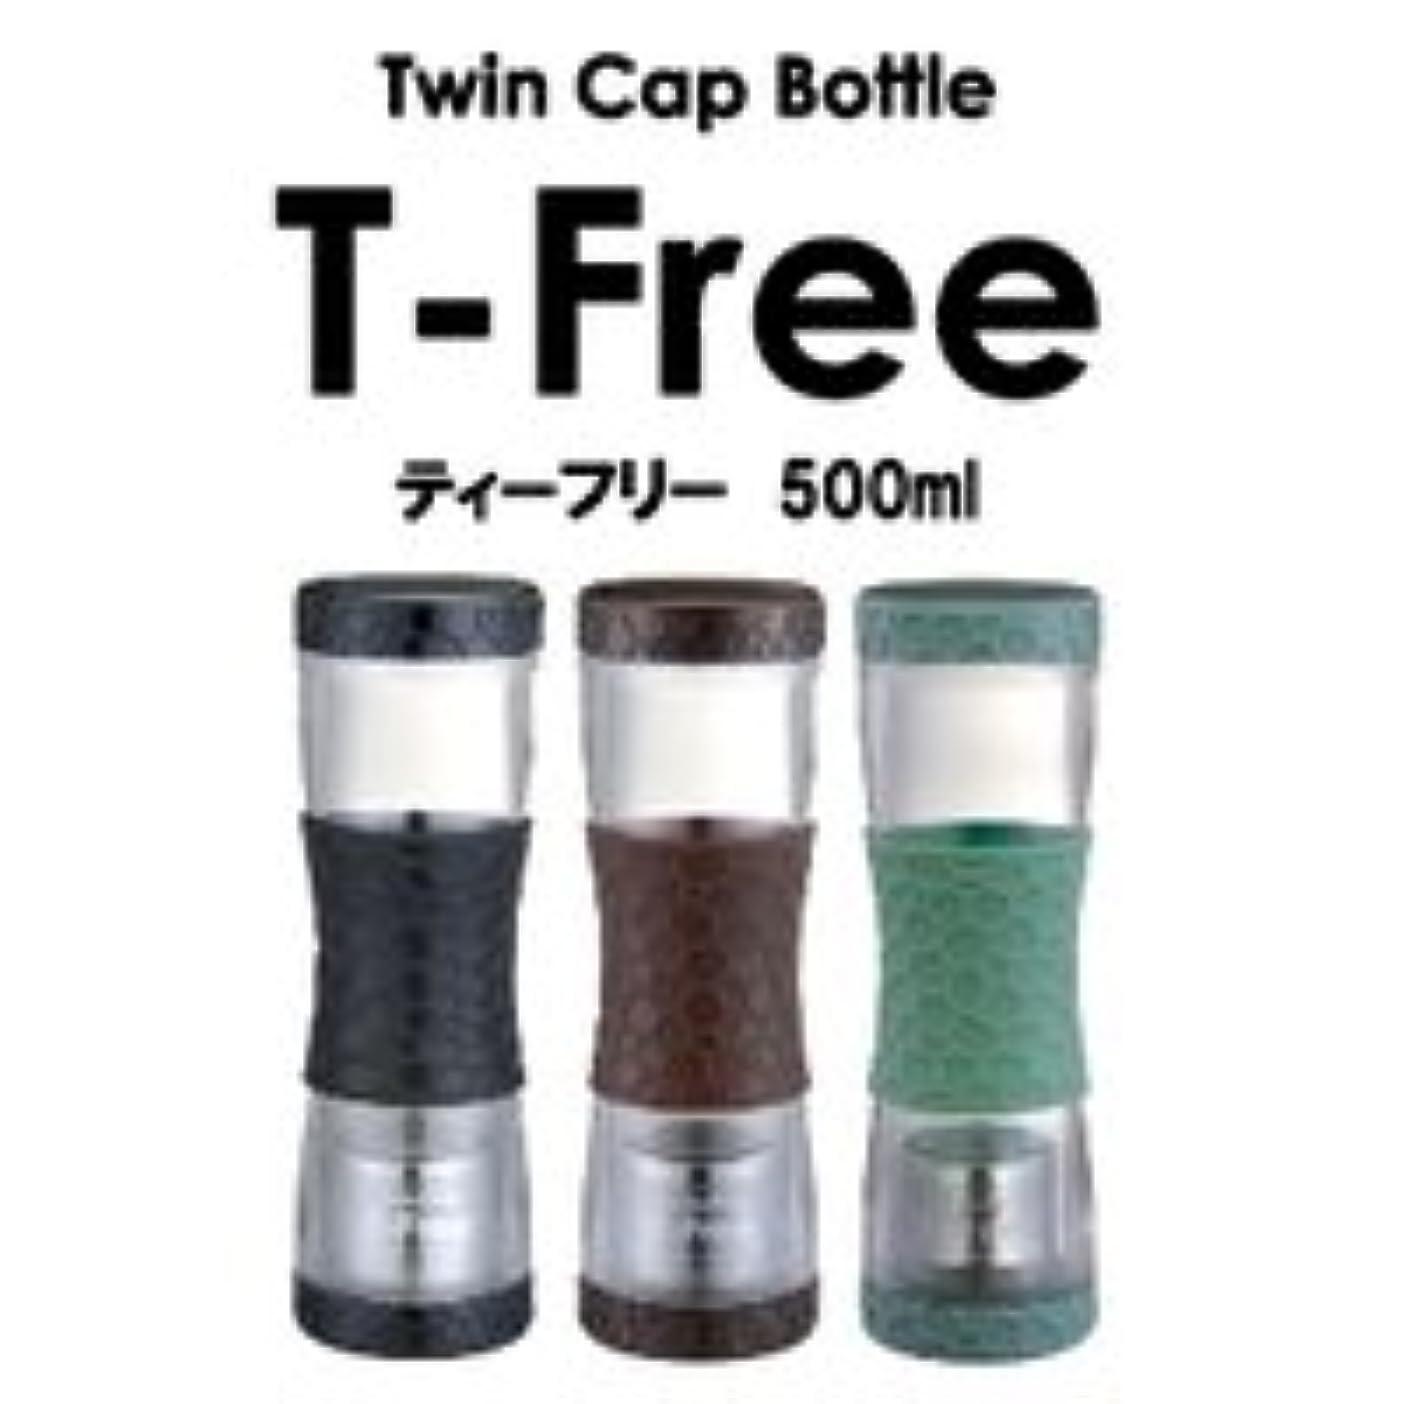 大混乱競う高度なティーフリー500ml T-Free (カラー:グリーン) ※使い方自由なツインキャップボトル